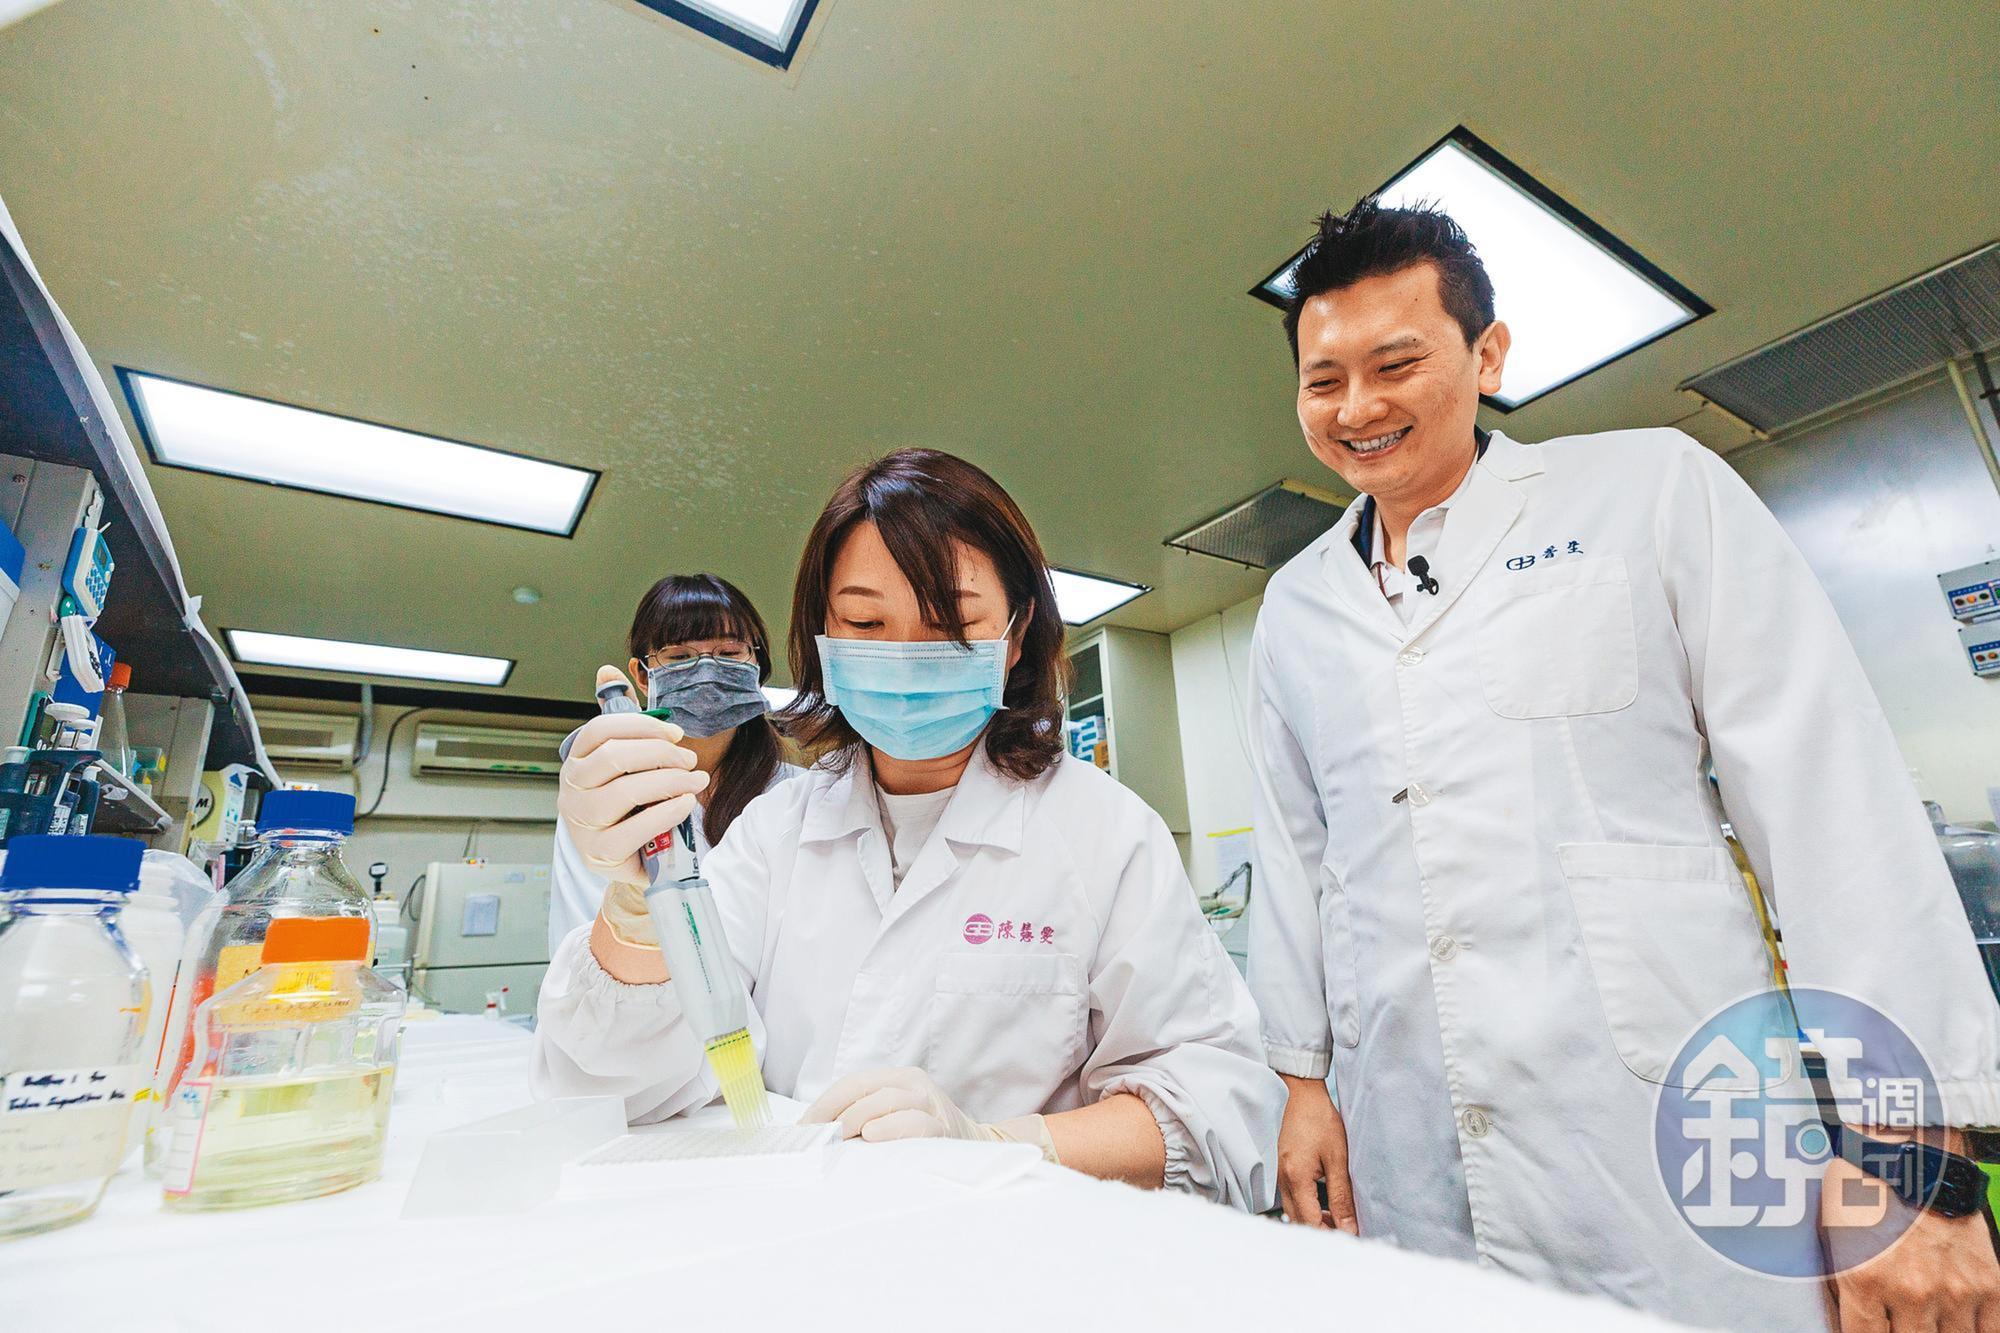 普生以B肝檢測起家,成為宣明智布局新冠檢測的一環。